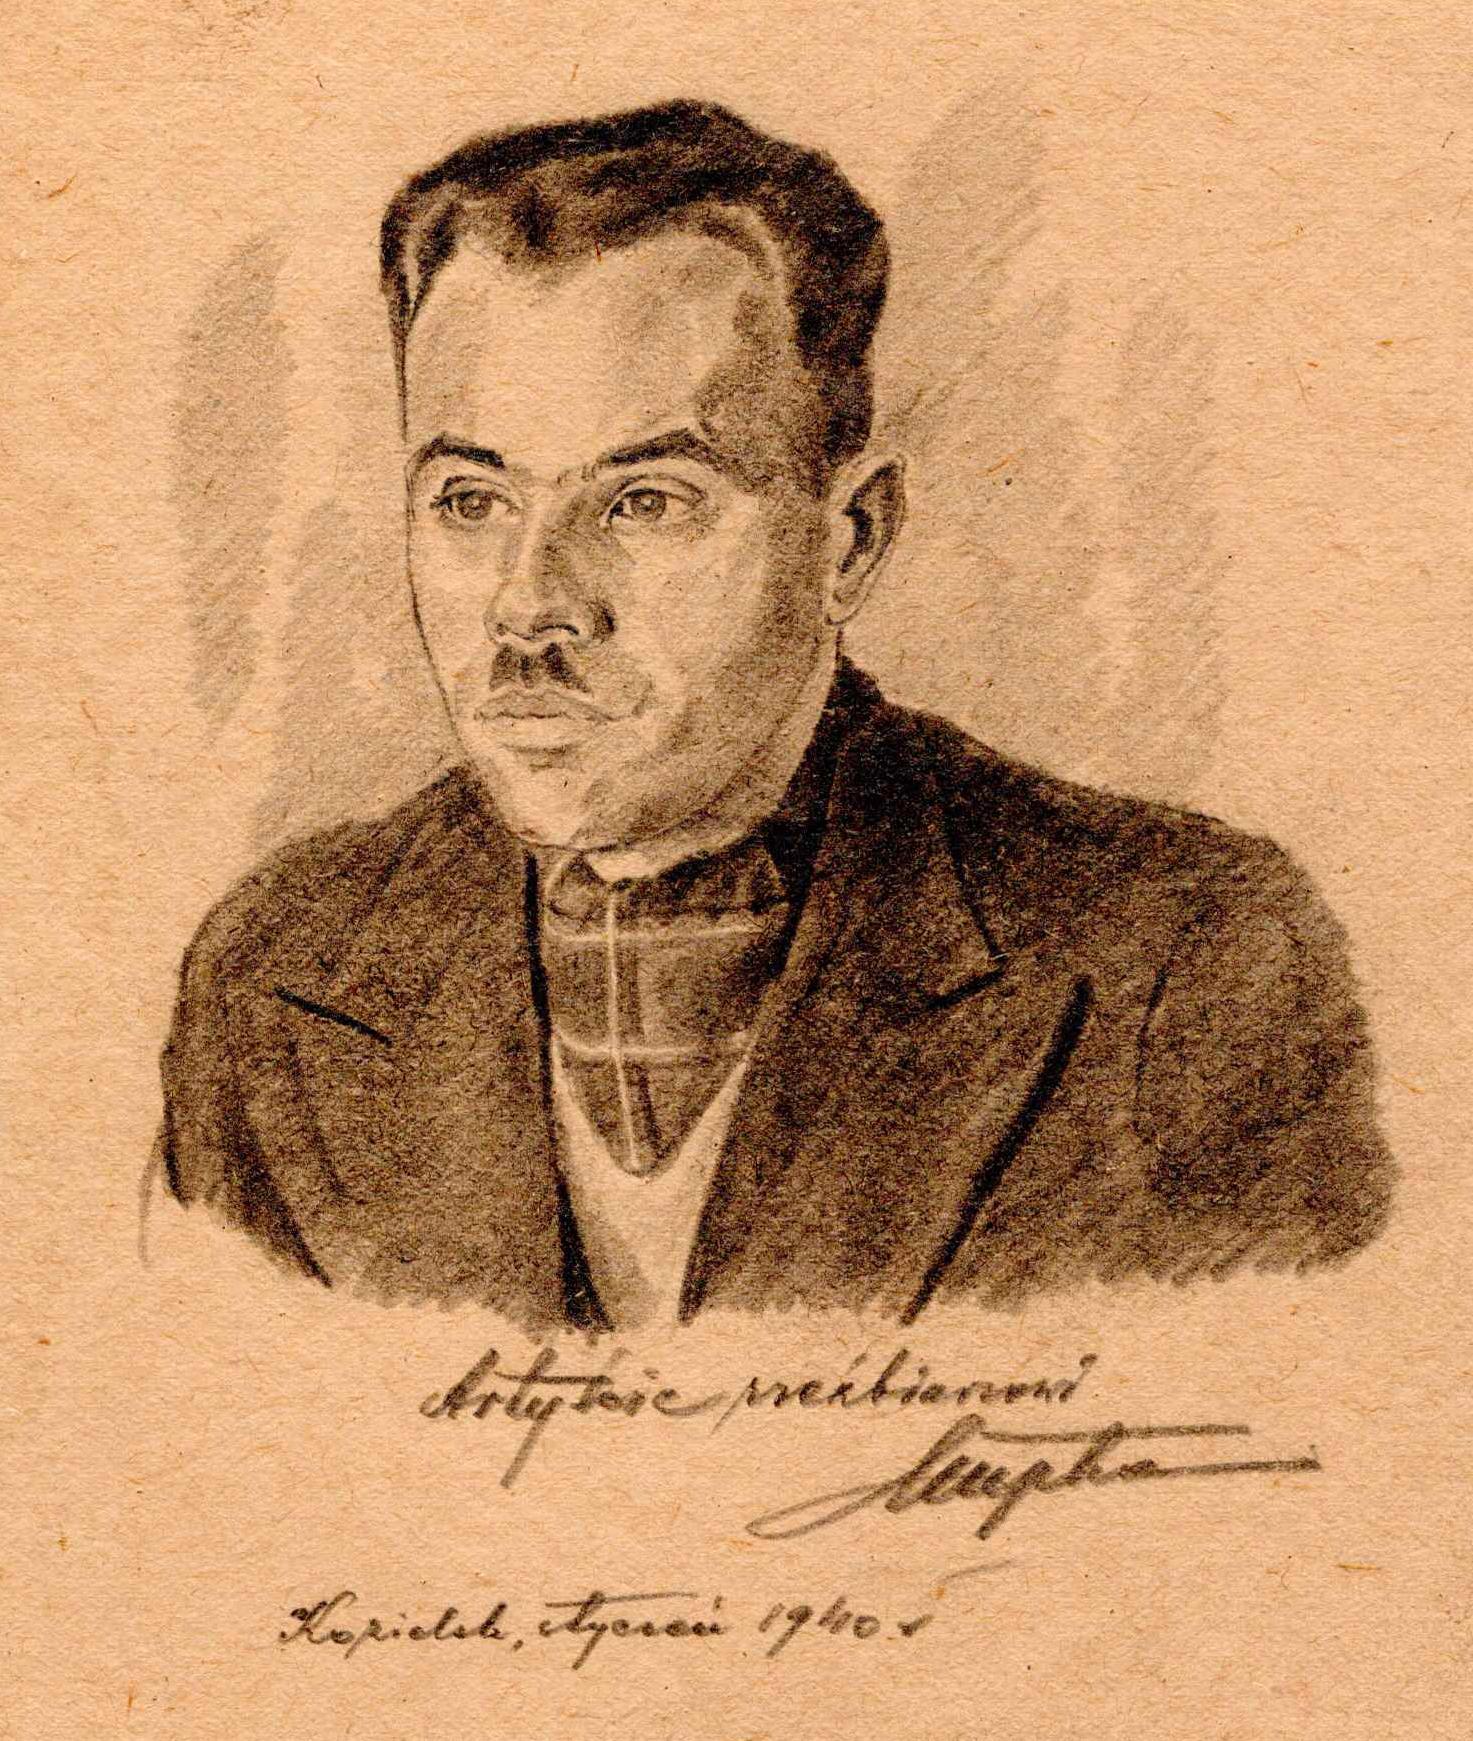 Portret nieznanego mężczyzny narysowany ołówkiem. Franciszek Kupka, obóz wKozielsku, styczeń 1940